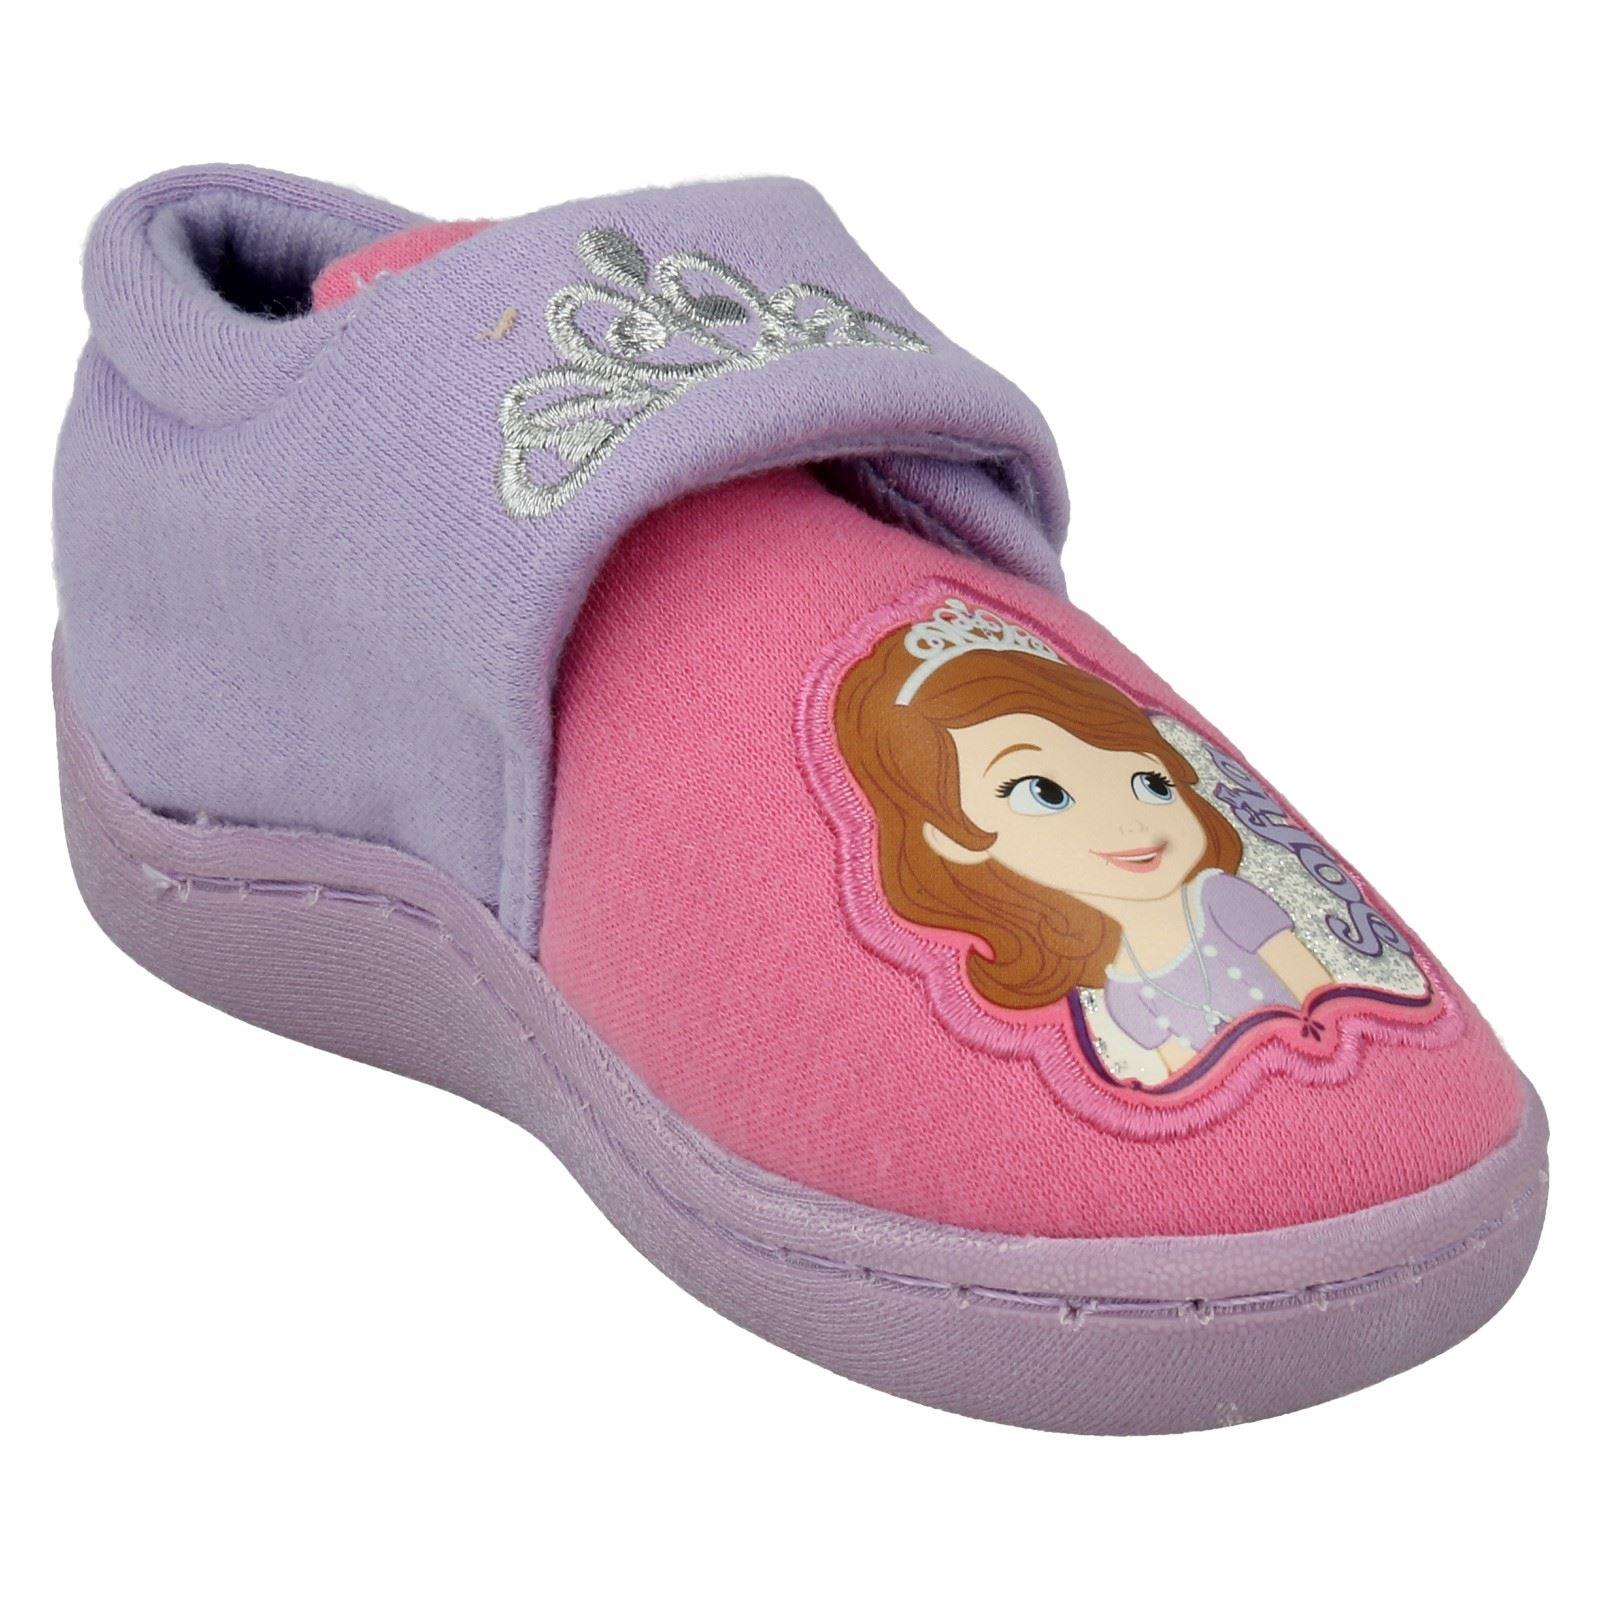 Chicas Disney Zapatillas Sofia Corona lado